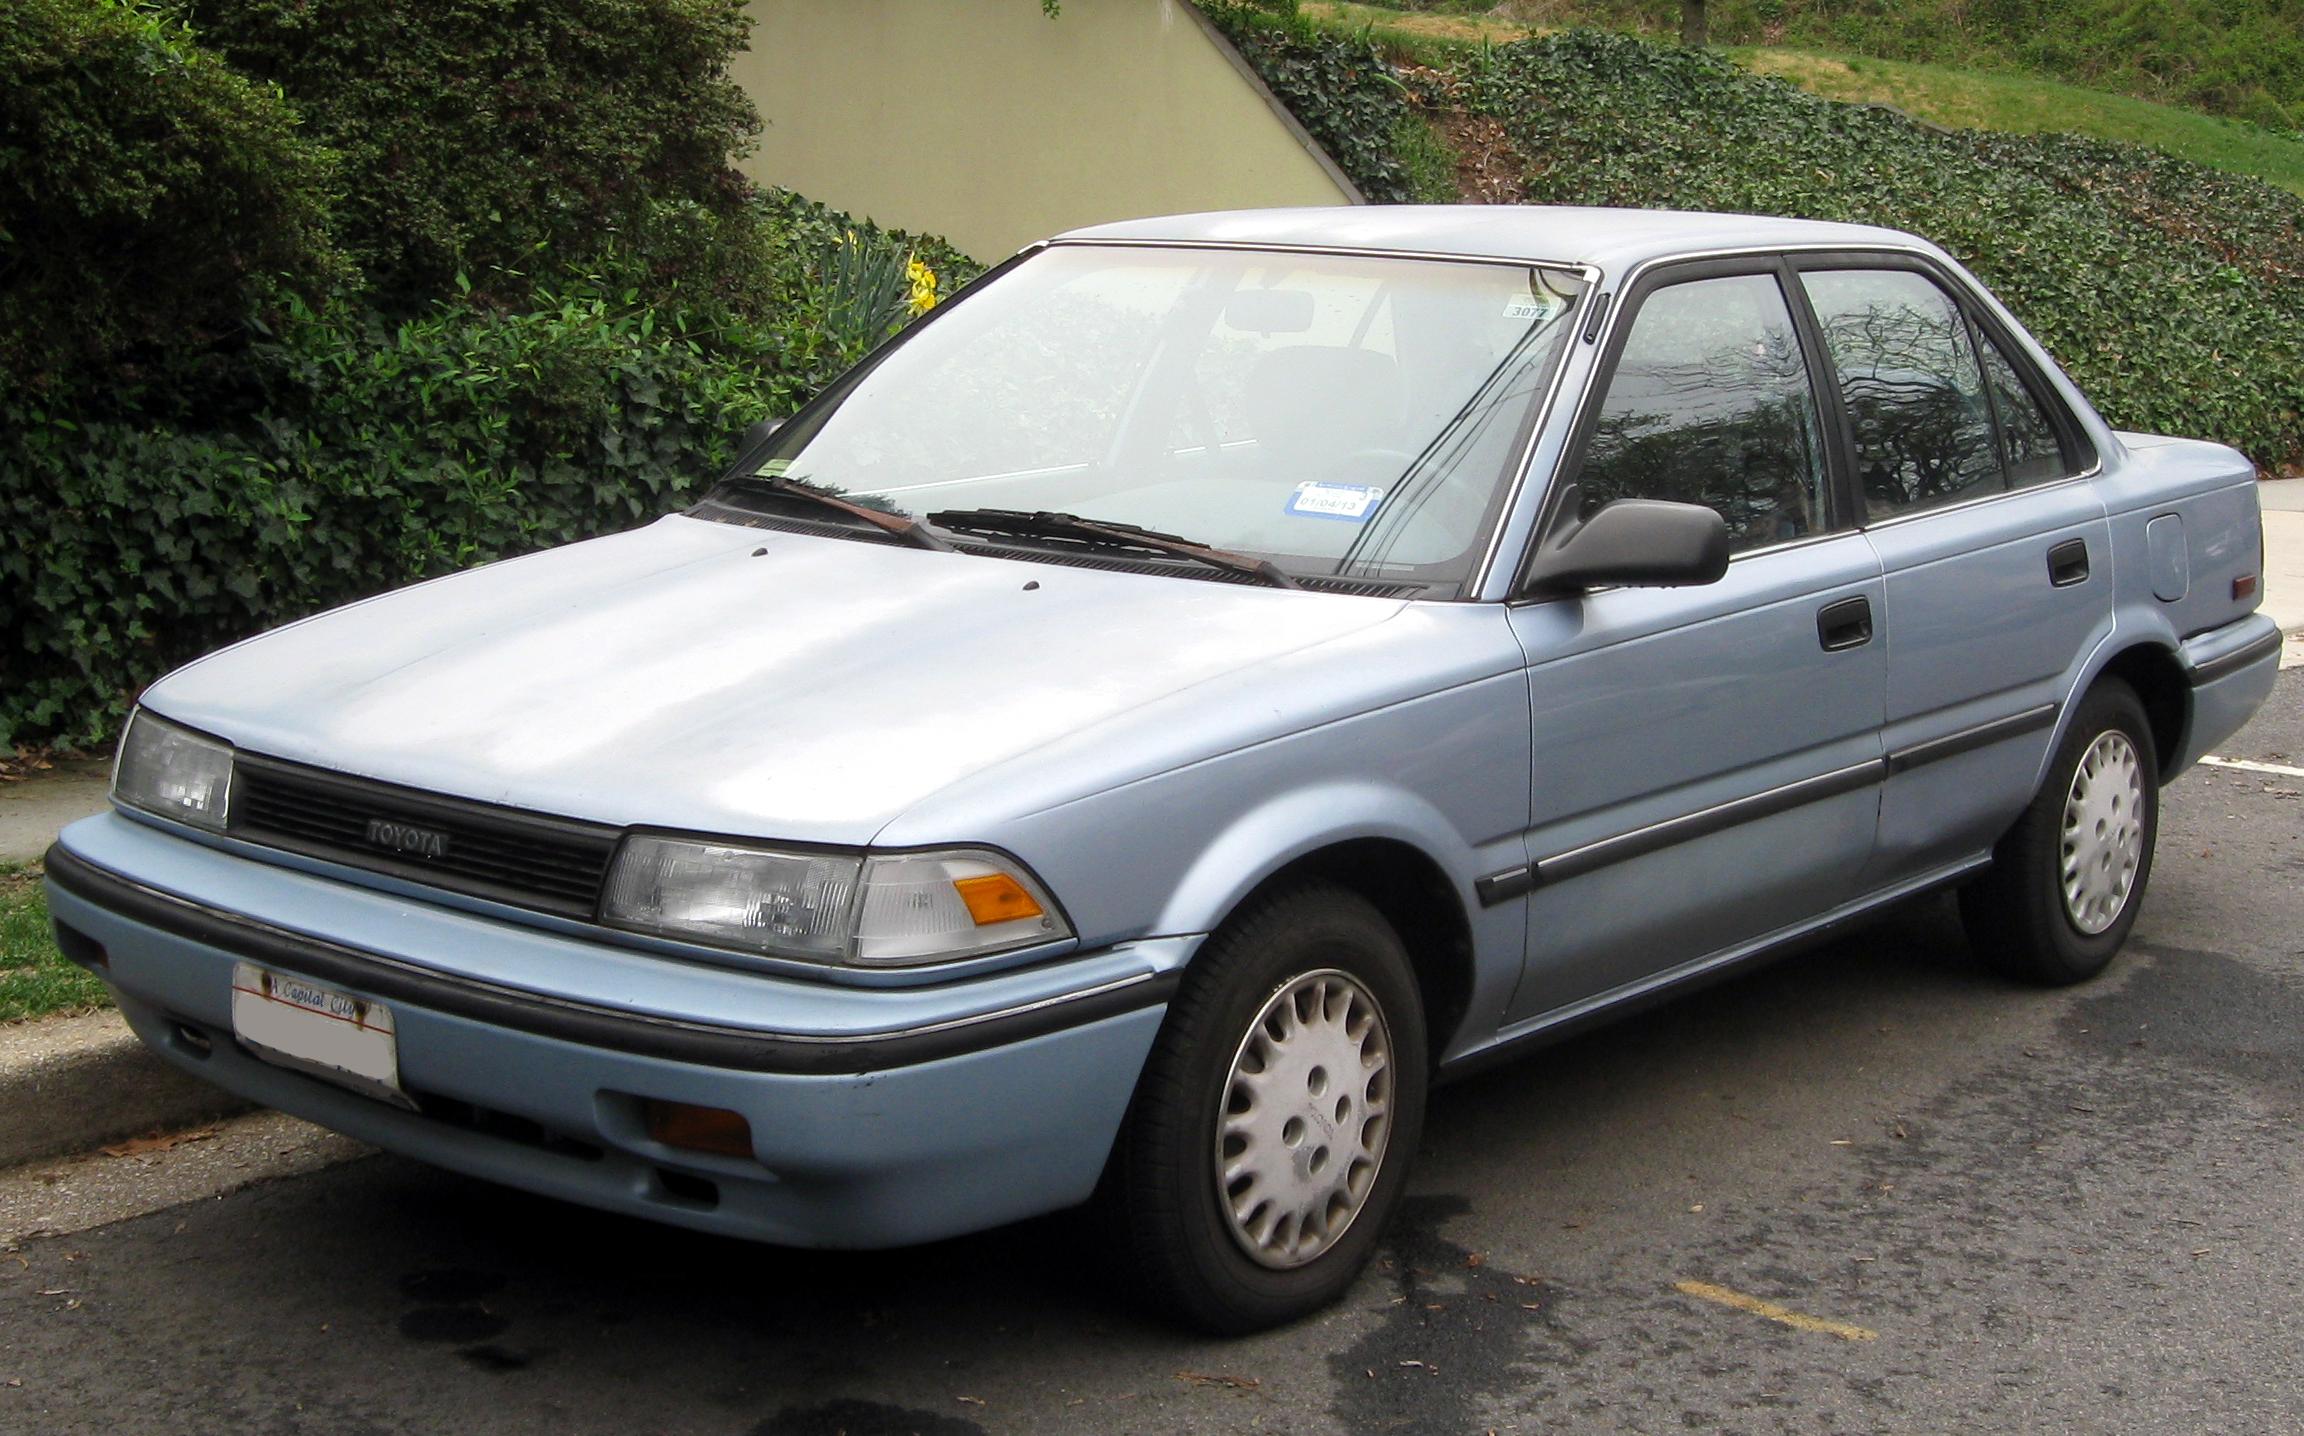 Kelebihan Kekurangan Toyota Corolla 1988 Top Model Tahun Ini